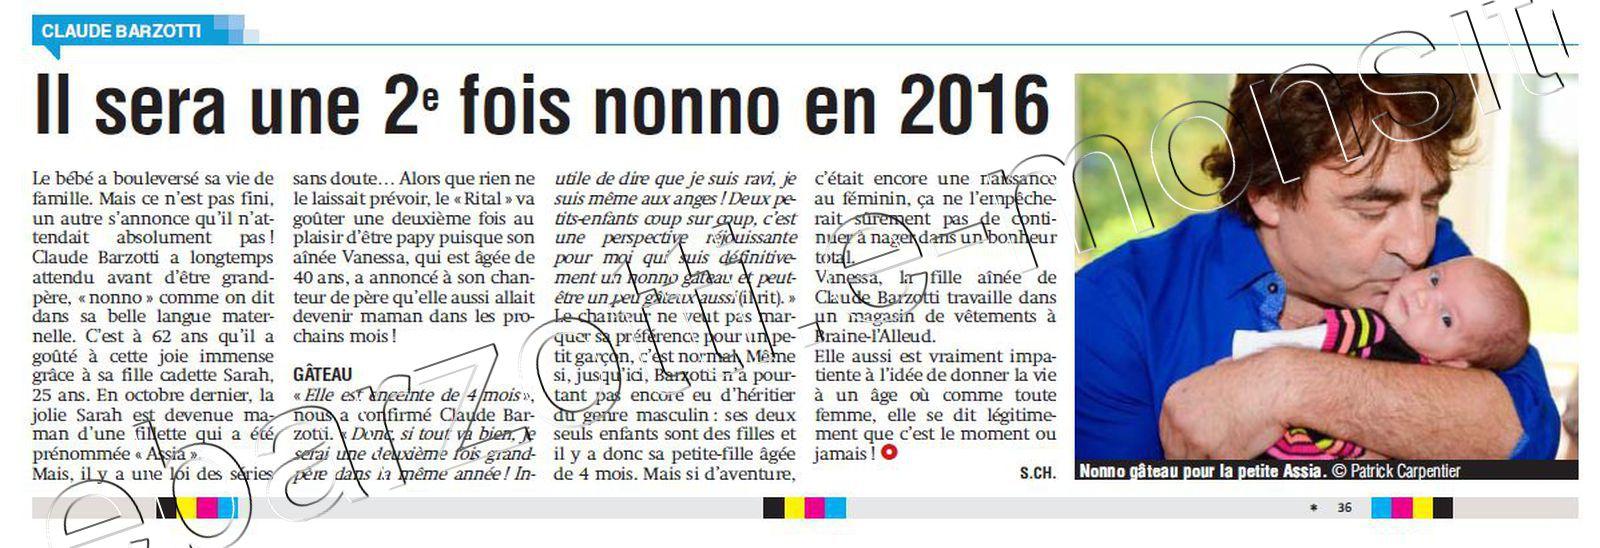 Barzotti 2 fois nono janvier 2016